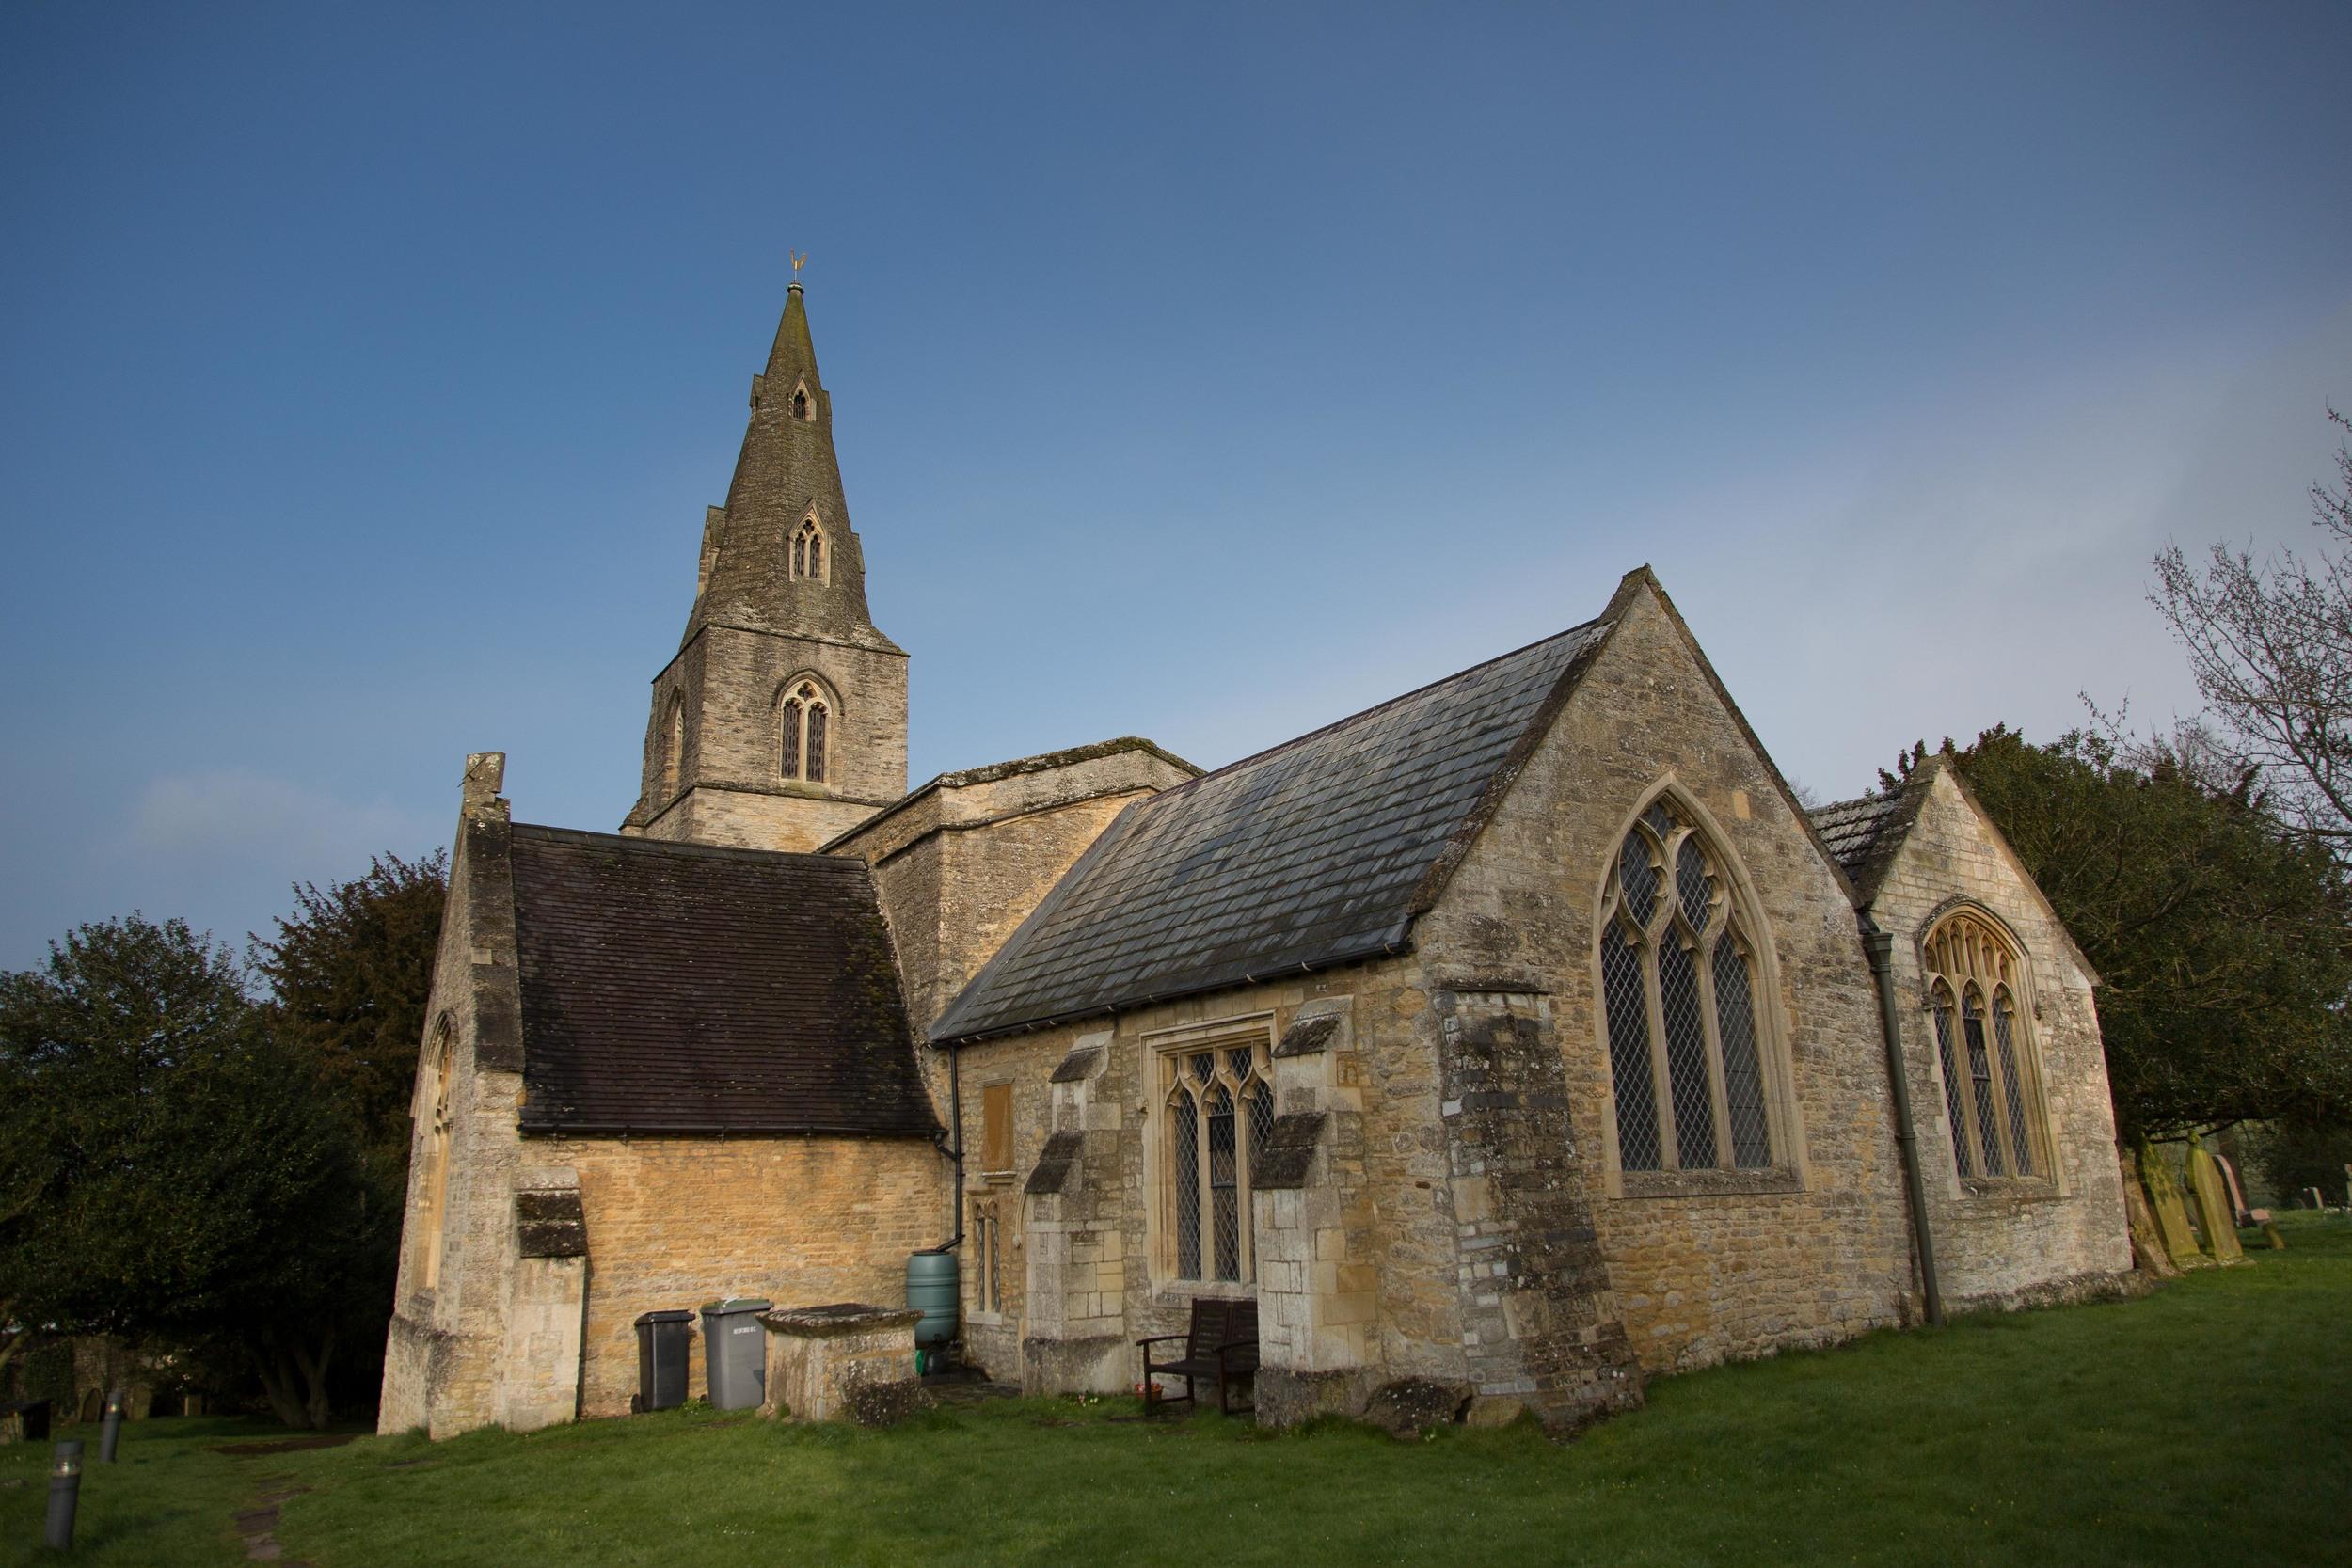 Pavenham-Bedfordshire-Engagement-Wedding-Photography-4